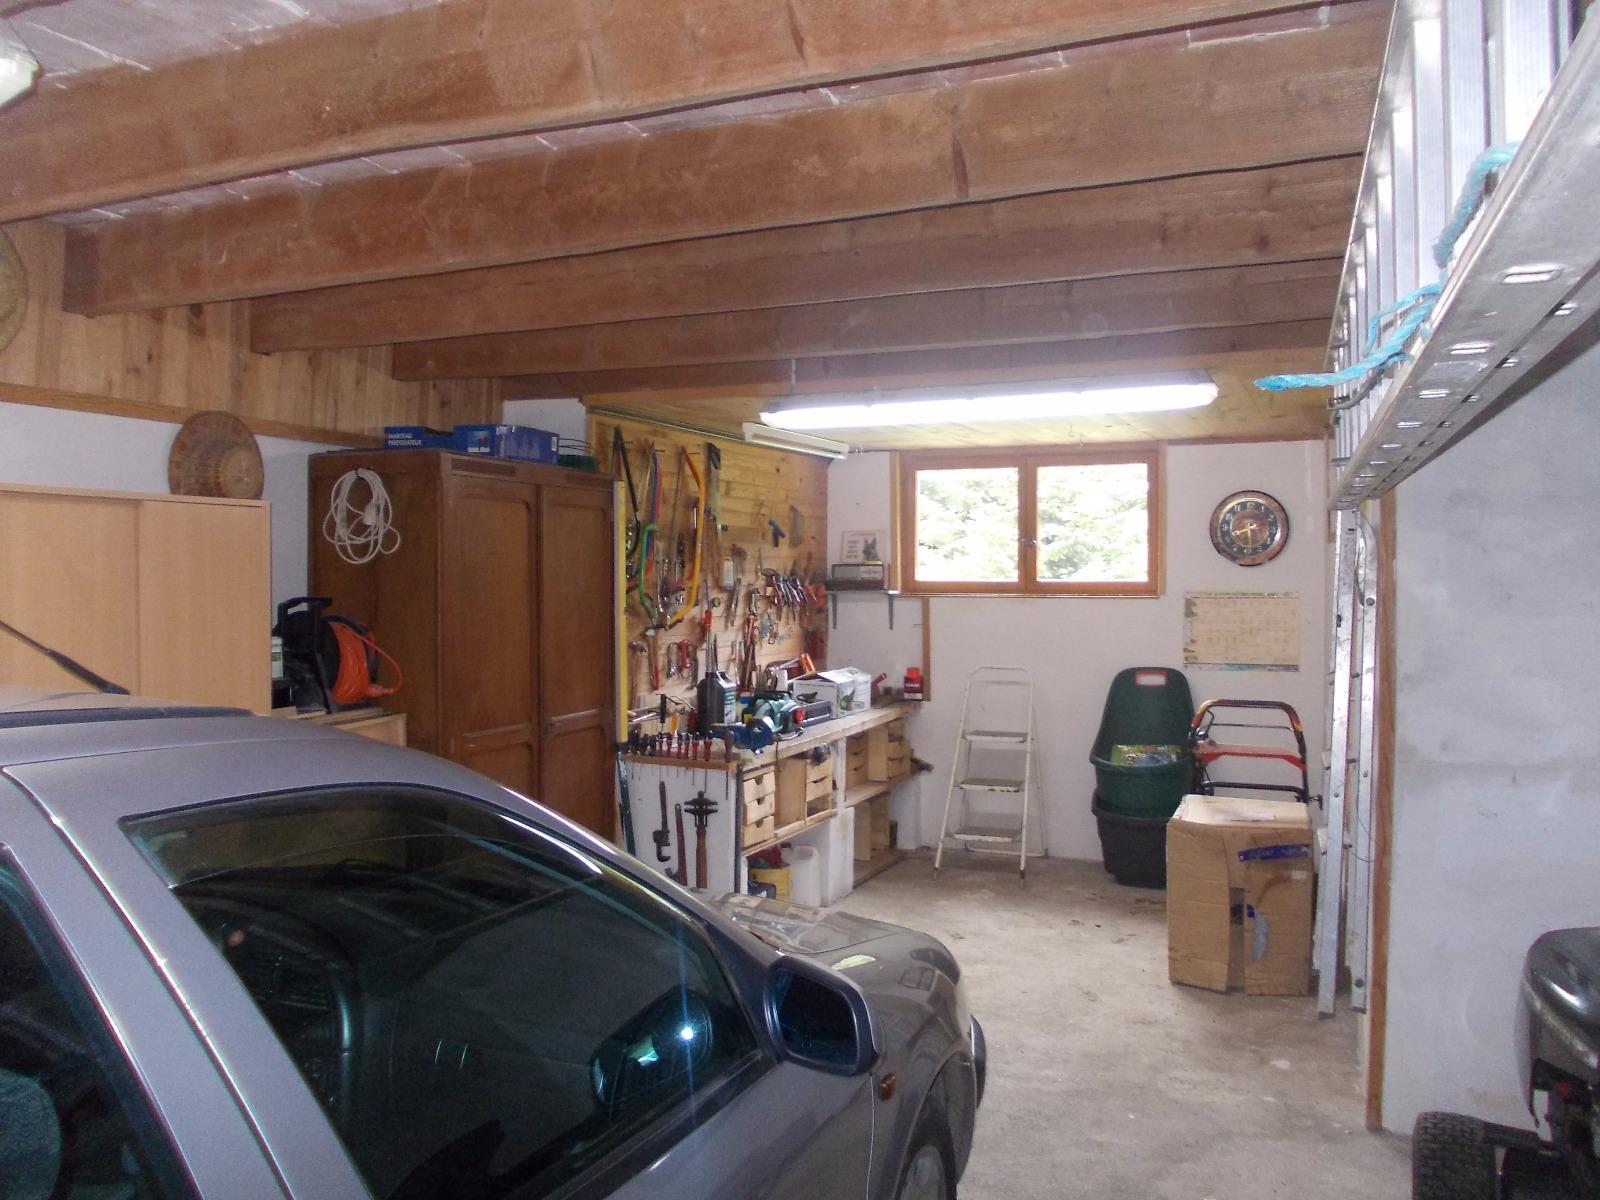 Secteur chaussin vends maison ferme de 5 pi ces 130m annexe sur 2500m de terrain clos - Frais de notaire achat garage ...